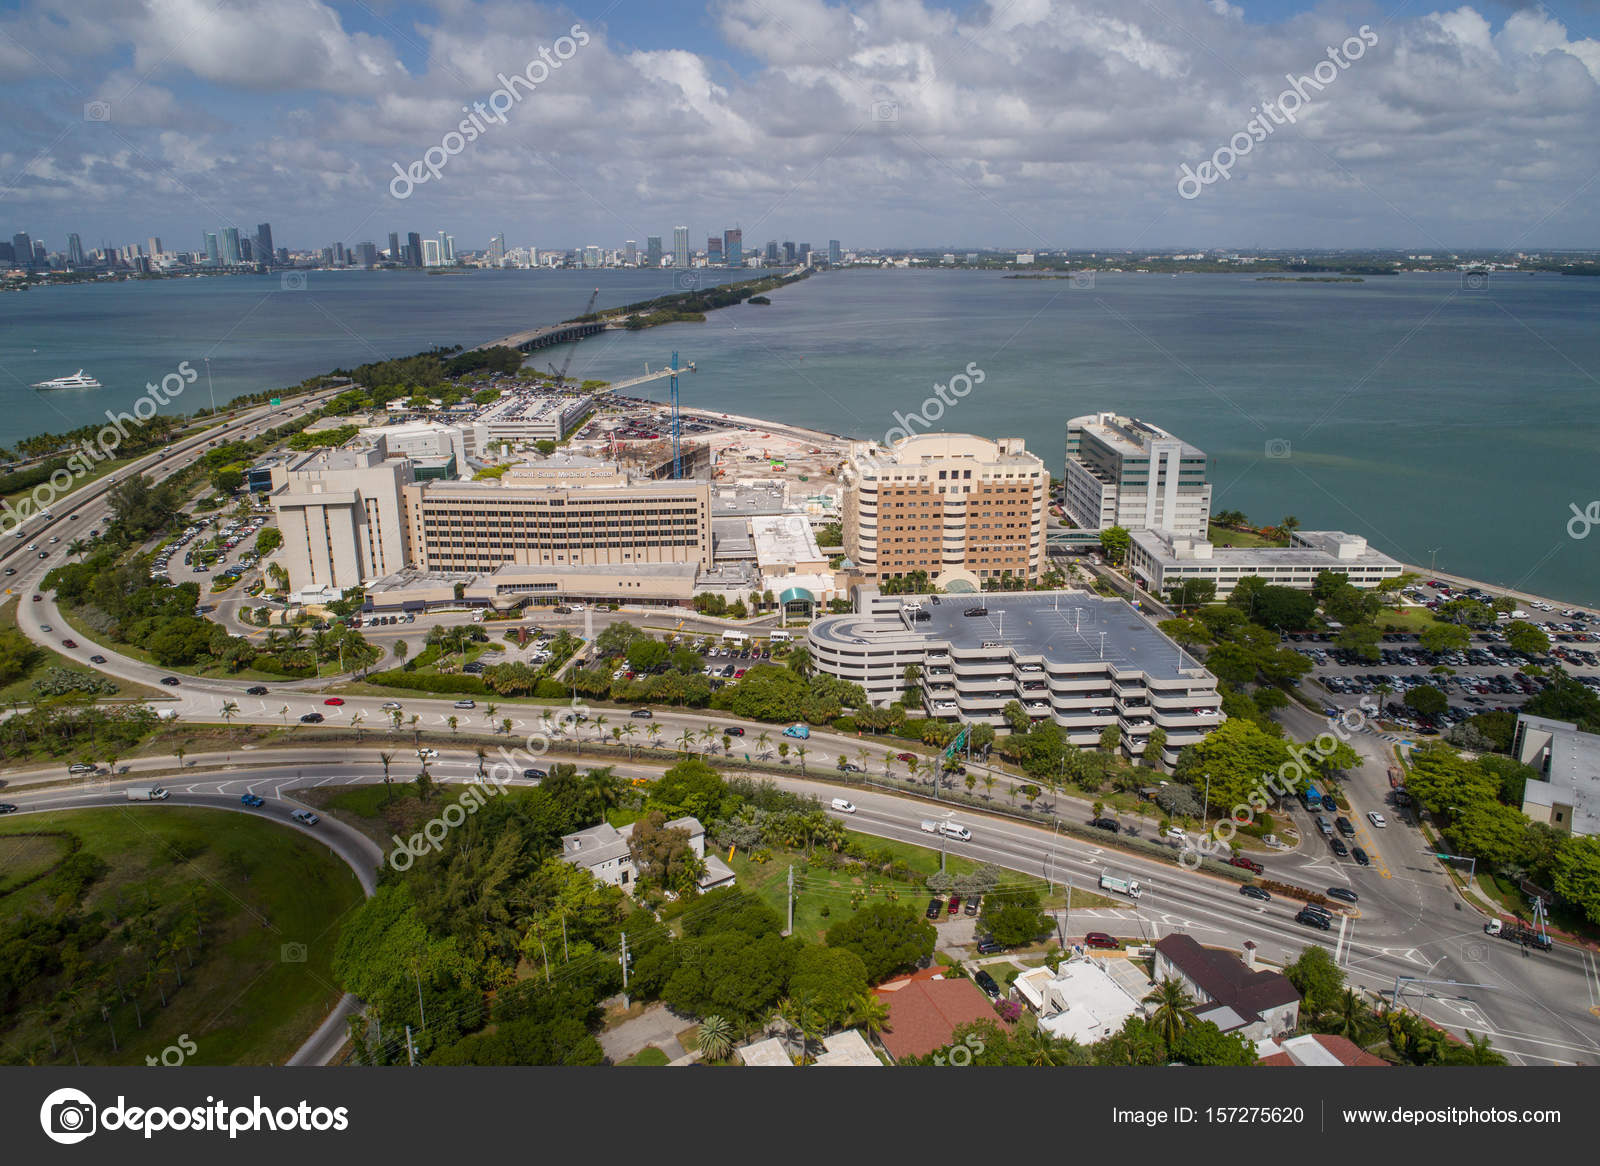 Mount Sinai Medical Center Miami Beach aerial image — Stock